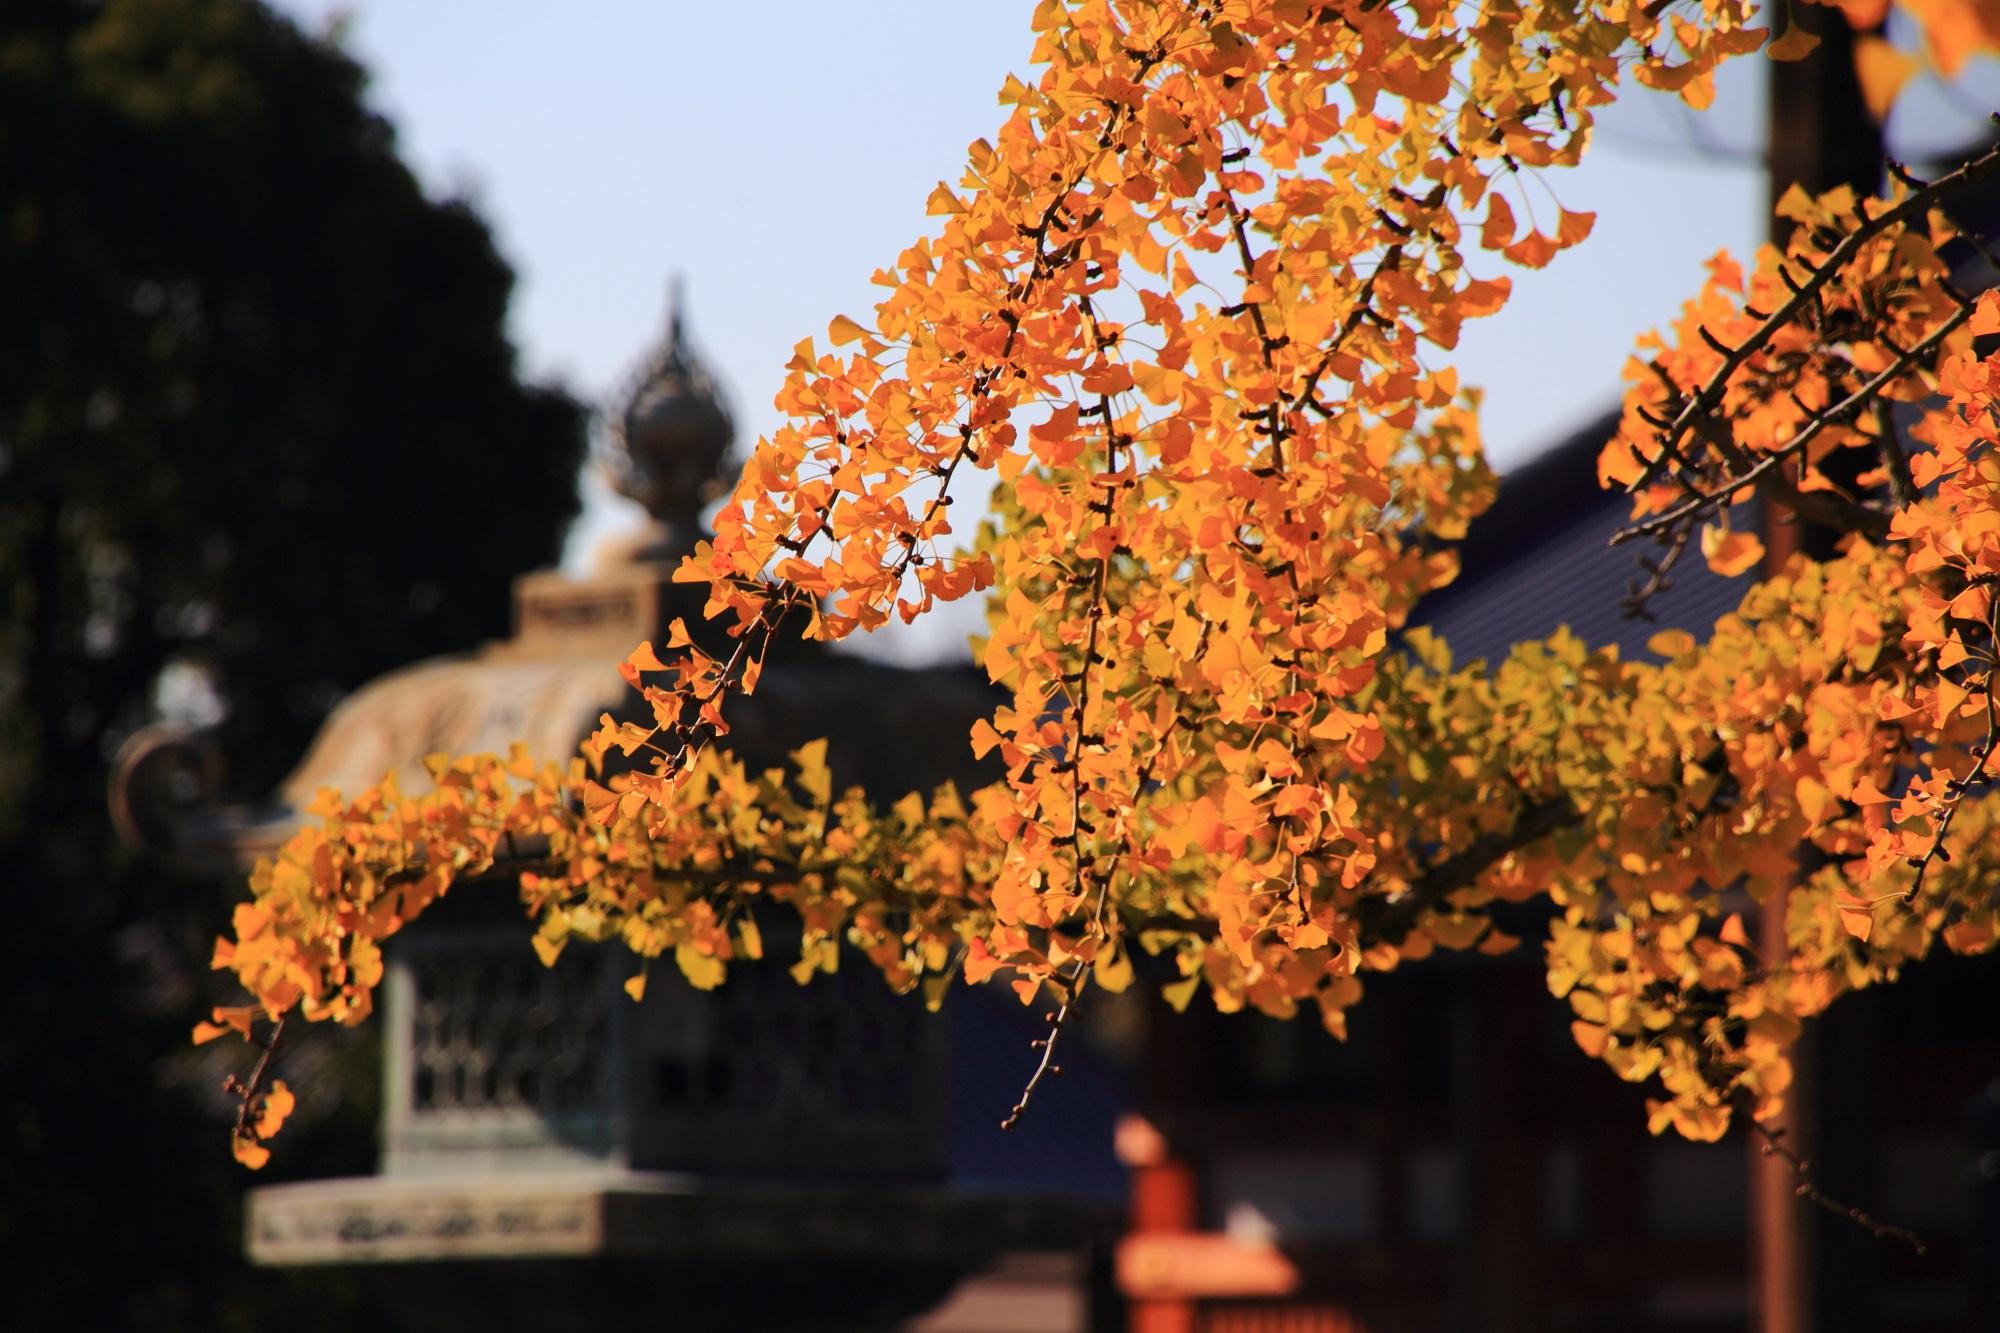 西本願寺の見事な黄金の大銀杏